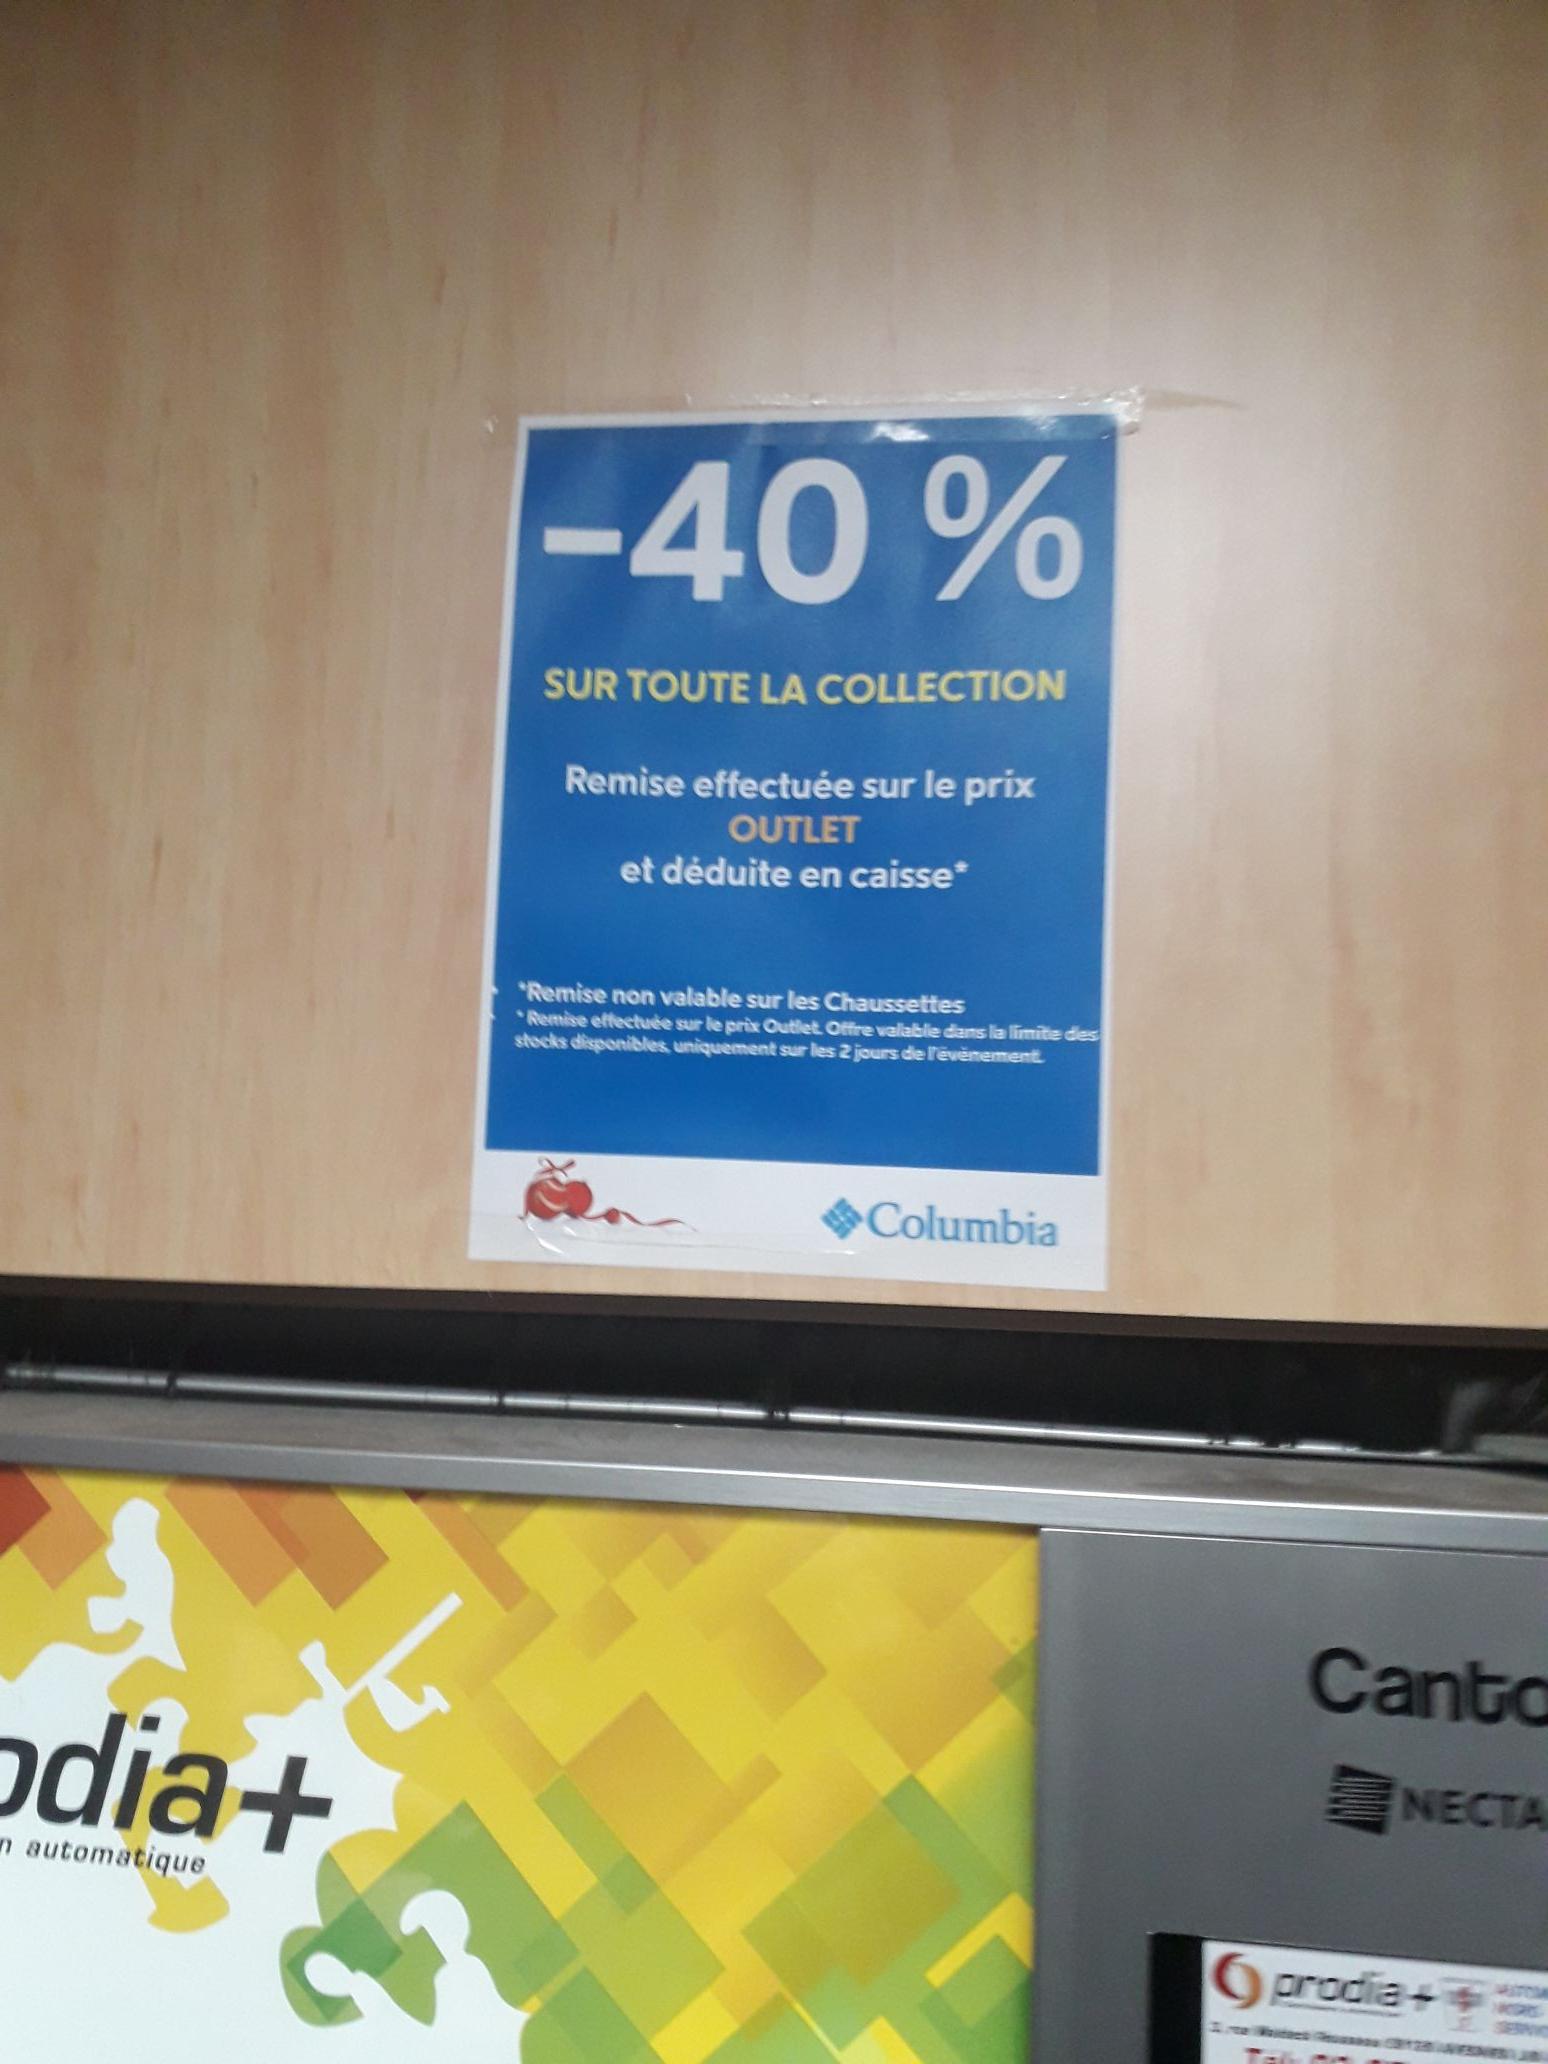 40% de réduction supplémentaire sur tout la collection Outlet - Raillencourt-Sainte-Olle (59)